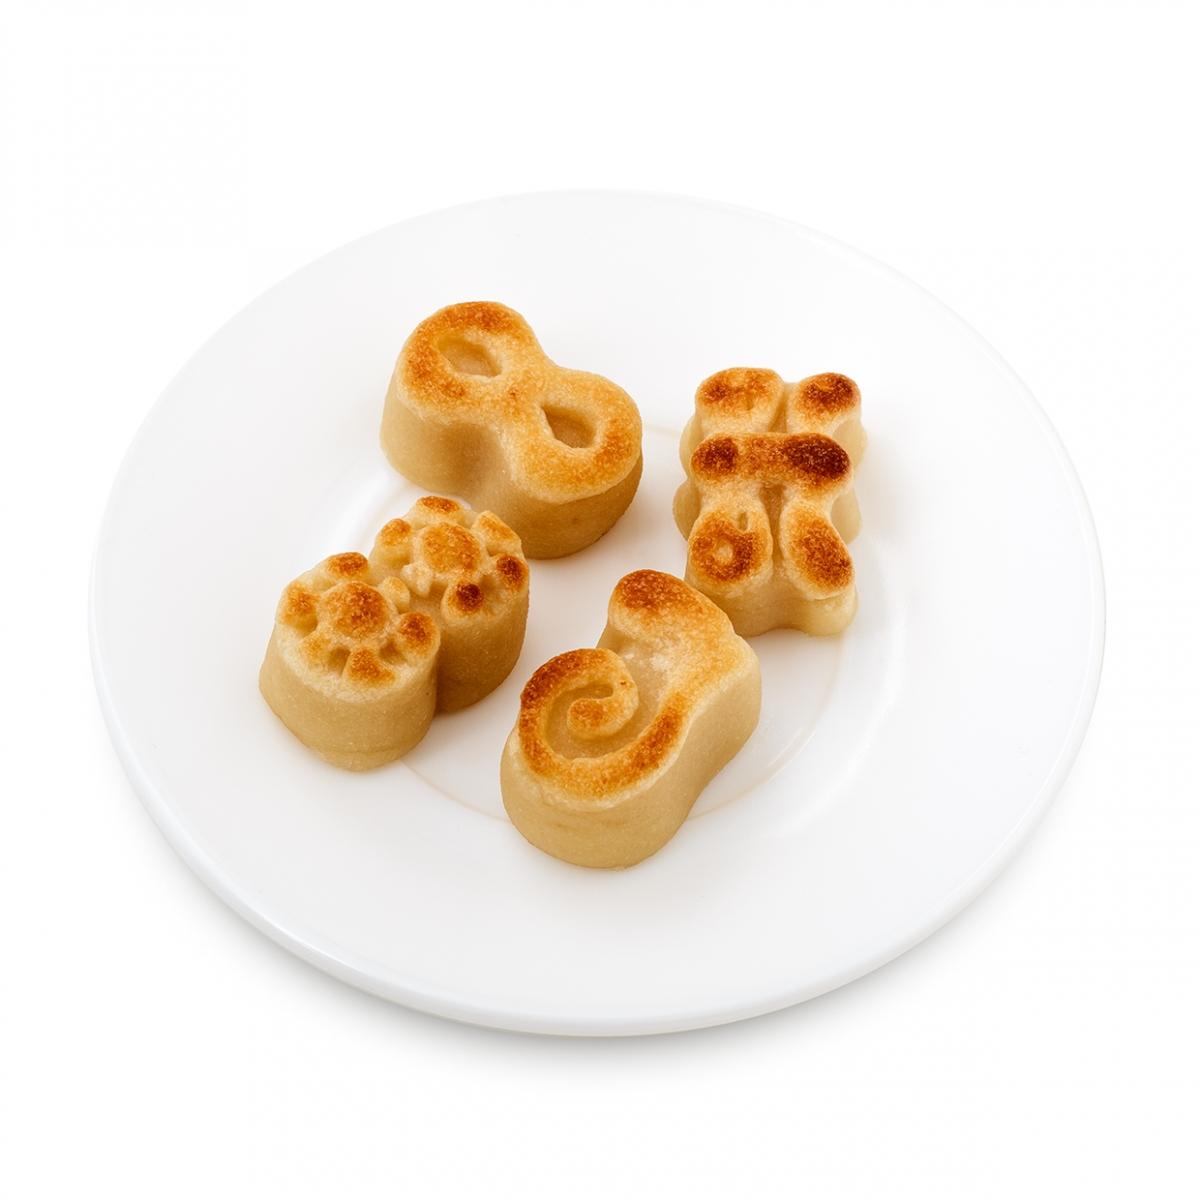 Imagen en la que se ve un plato con mazapanes